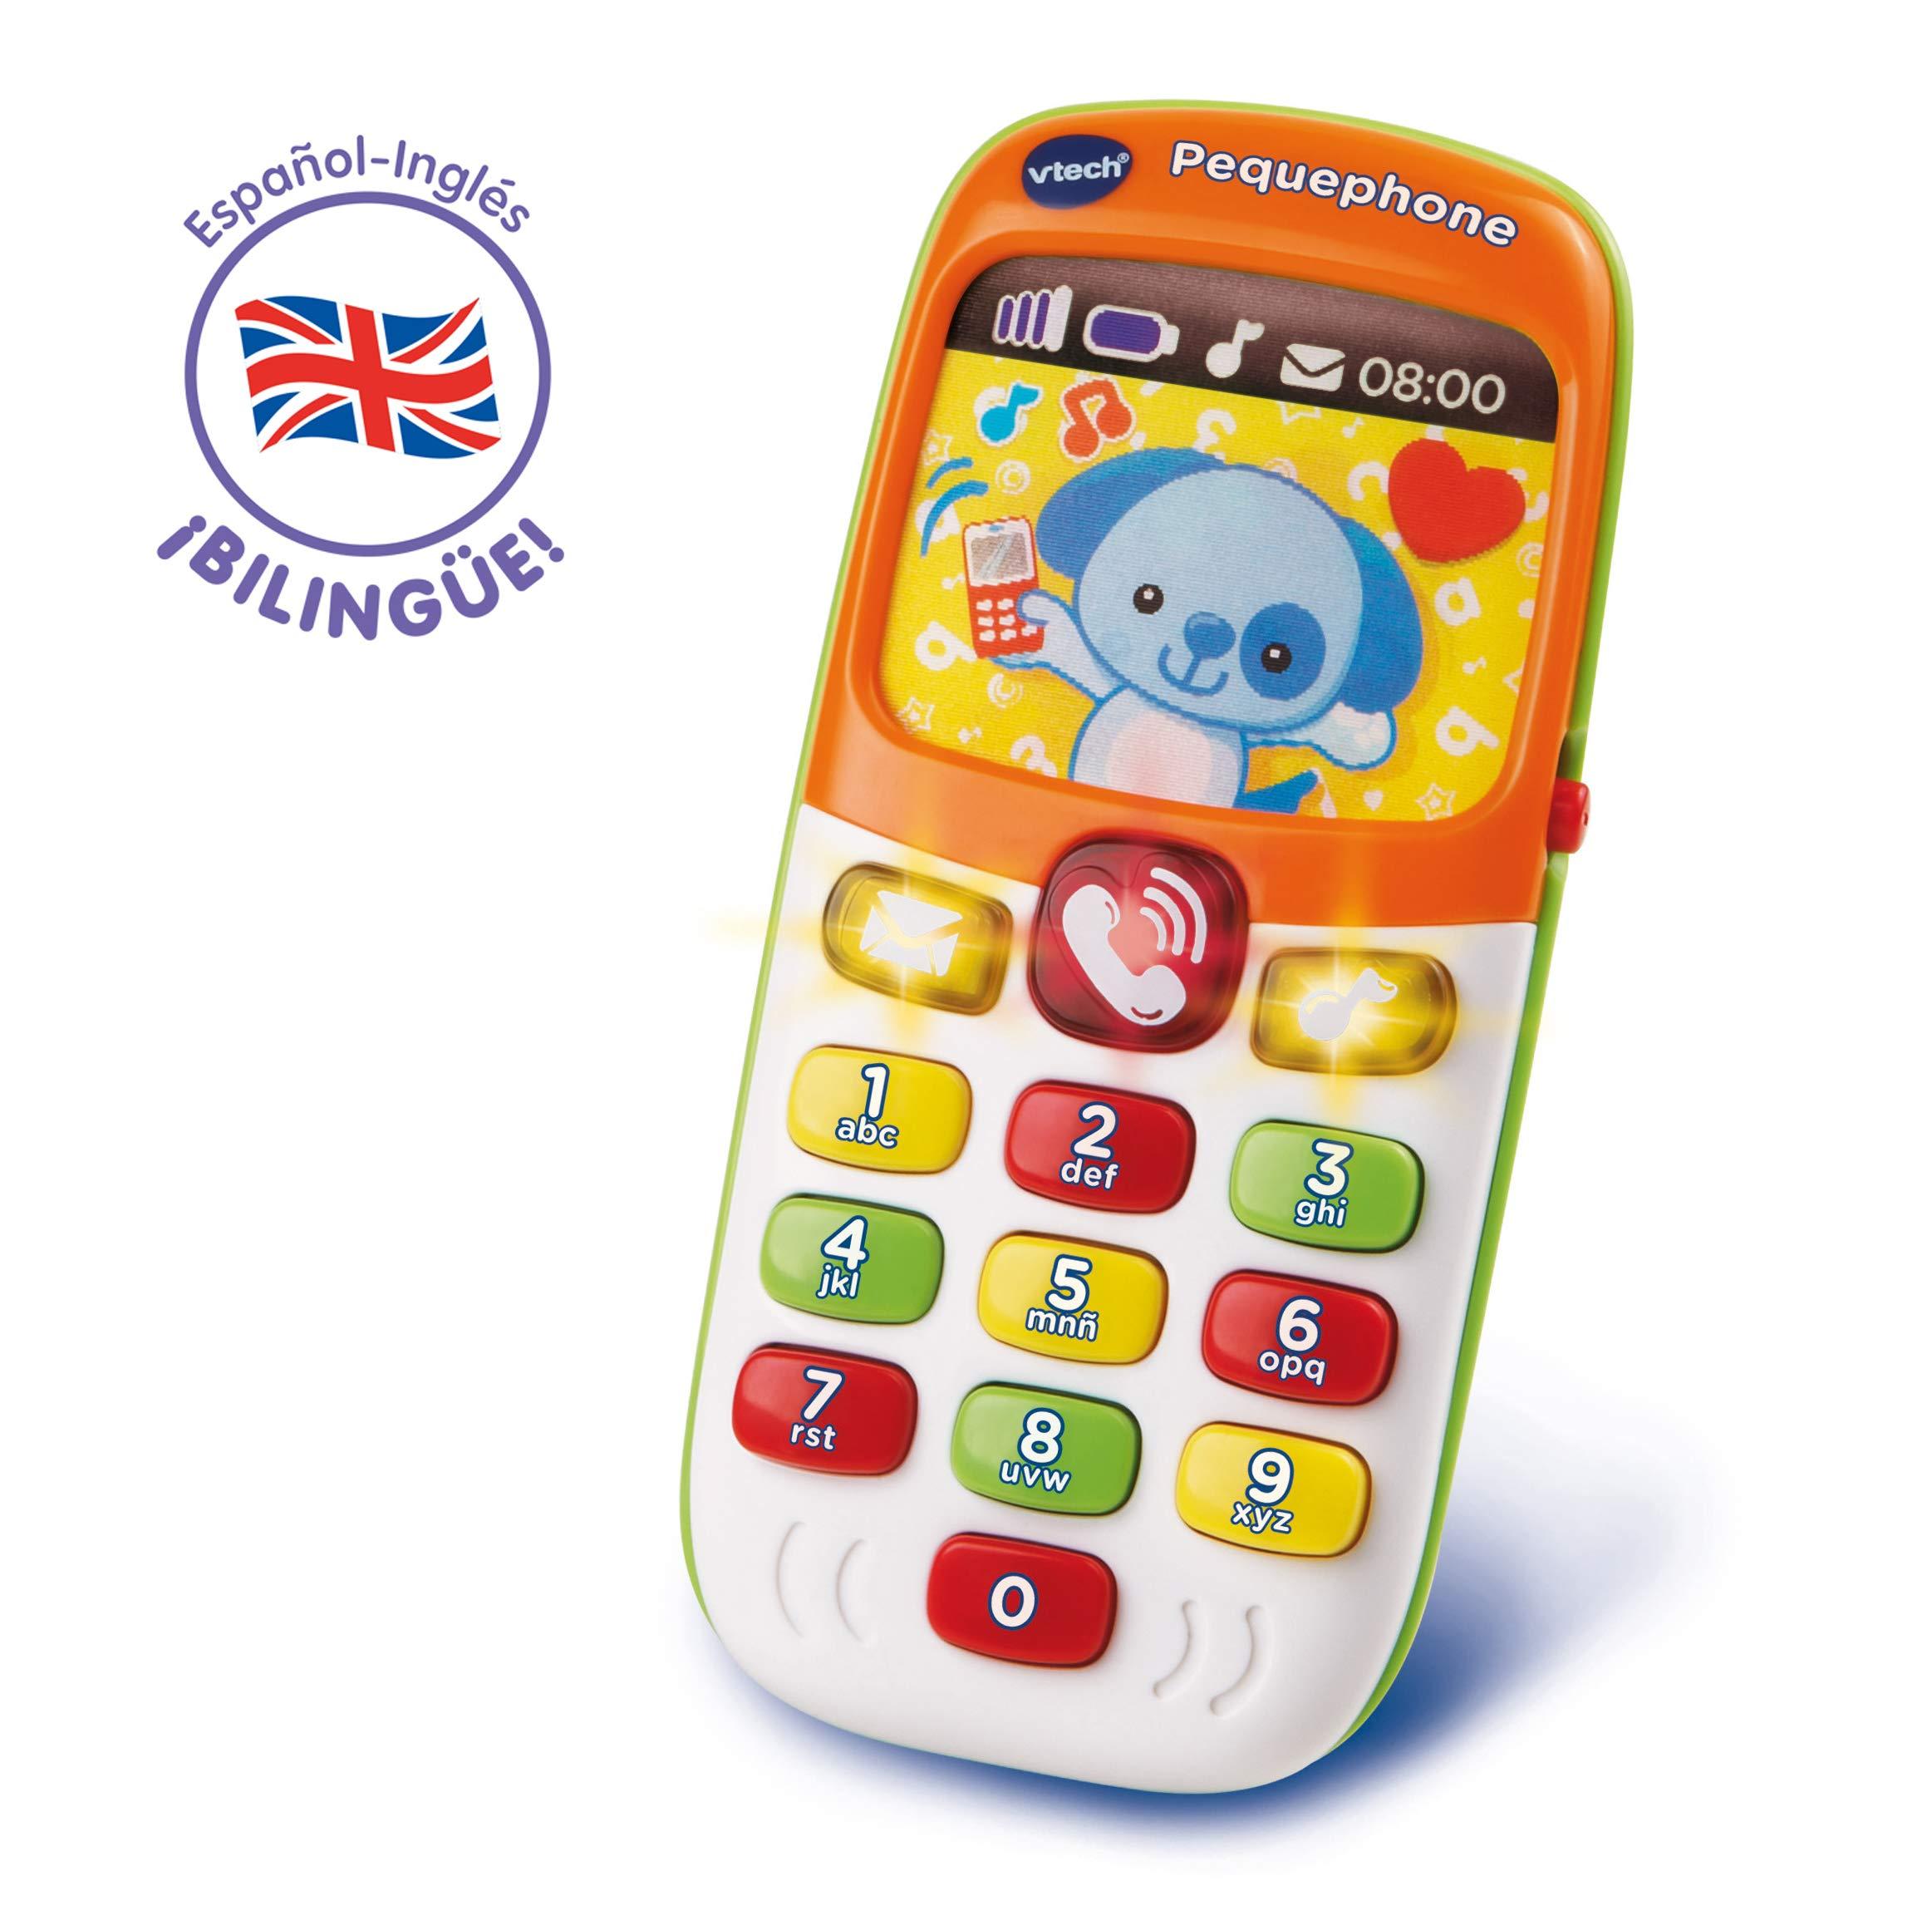 VTech Pequephone bilingüe, teléfono infantil con luces, sonidos y canciones en inglés y español